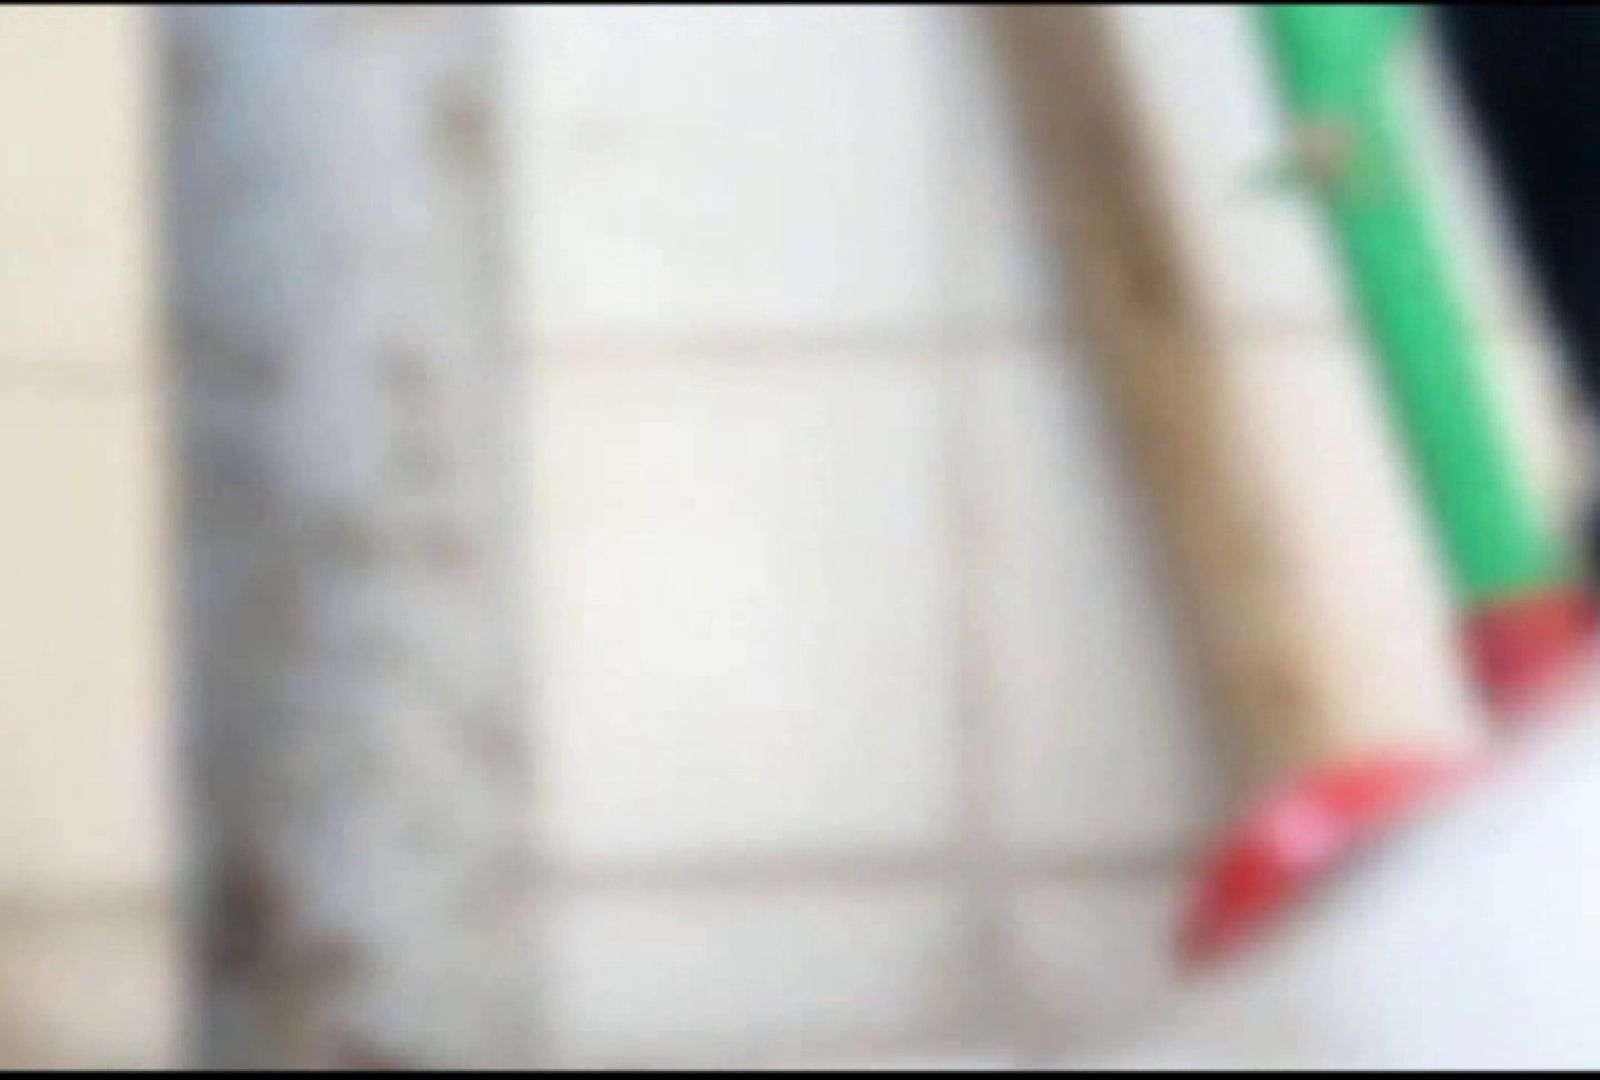 洗面所で暗躍する撮師たちの潜入記Vol.4 潜入 戯れ無修正画像 29PICs 28